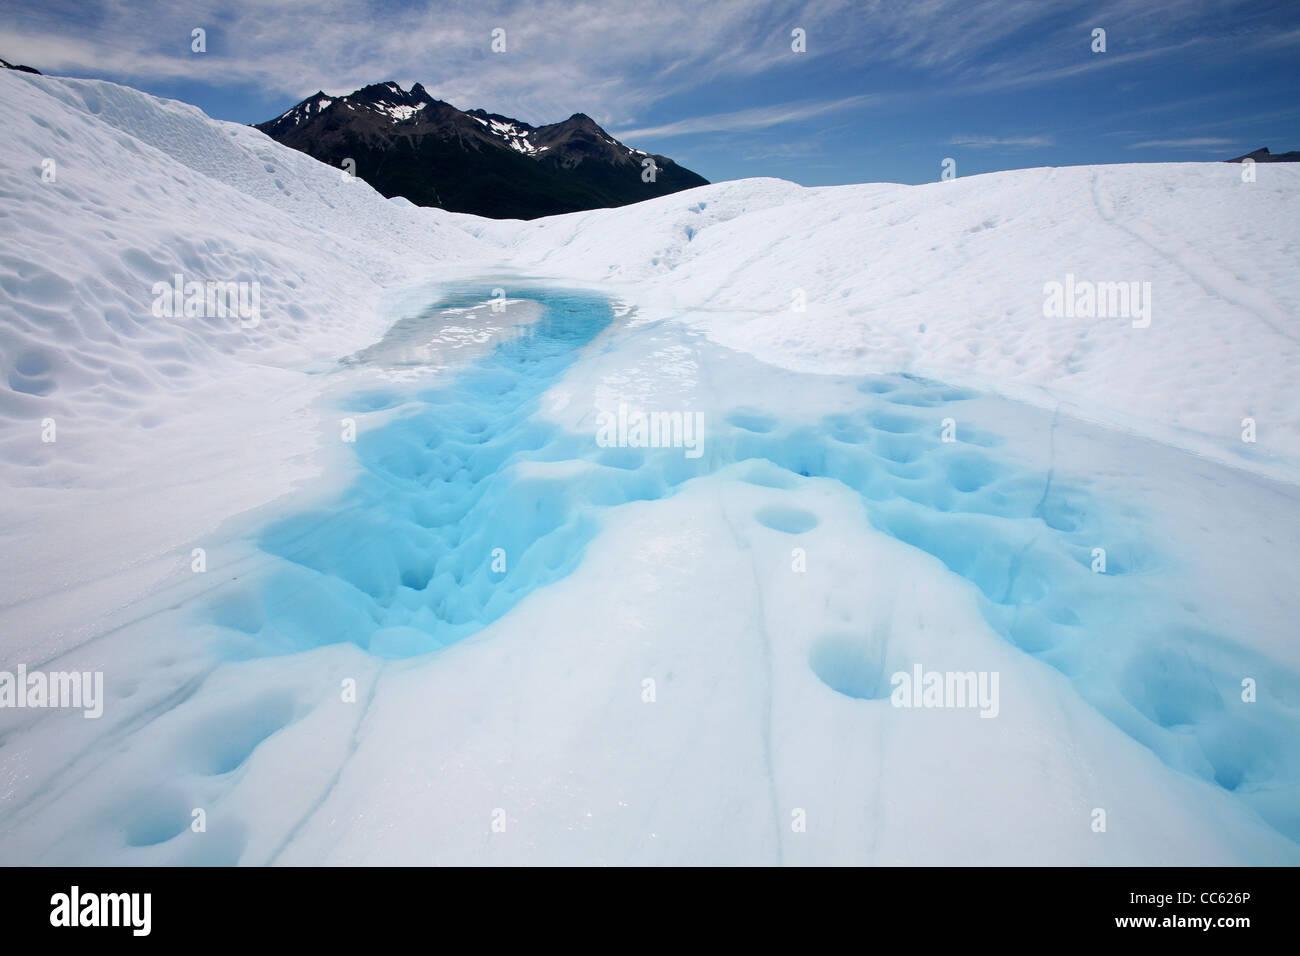 Perito Moreno glacier in the Los Glaciares National Park, Patagonia, Argentina - Stock Image